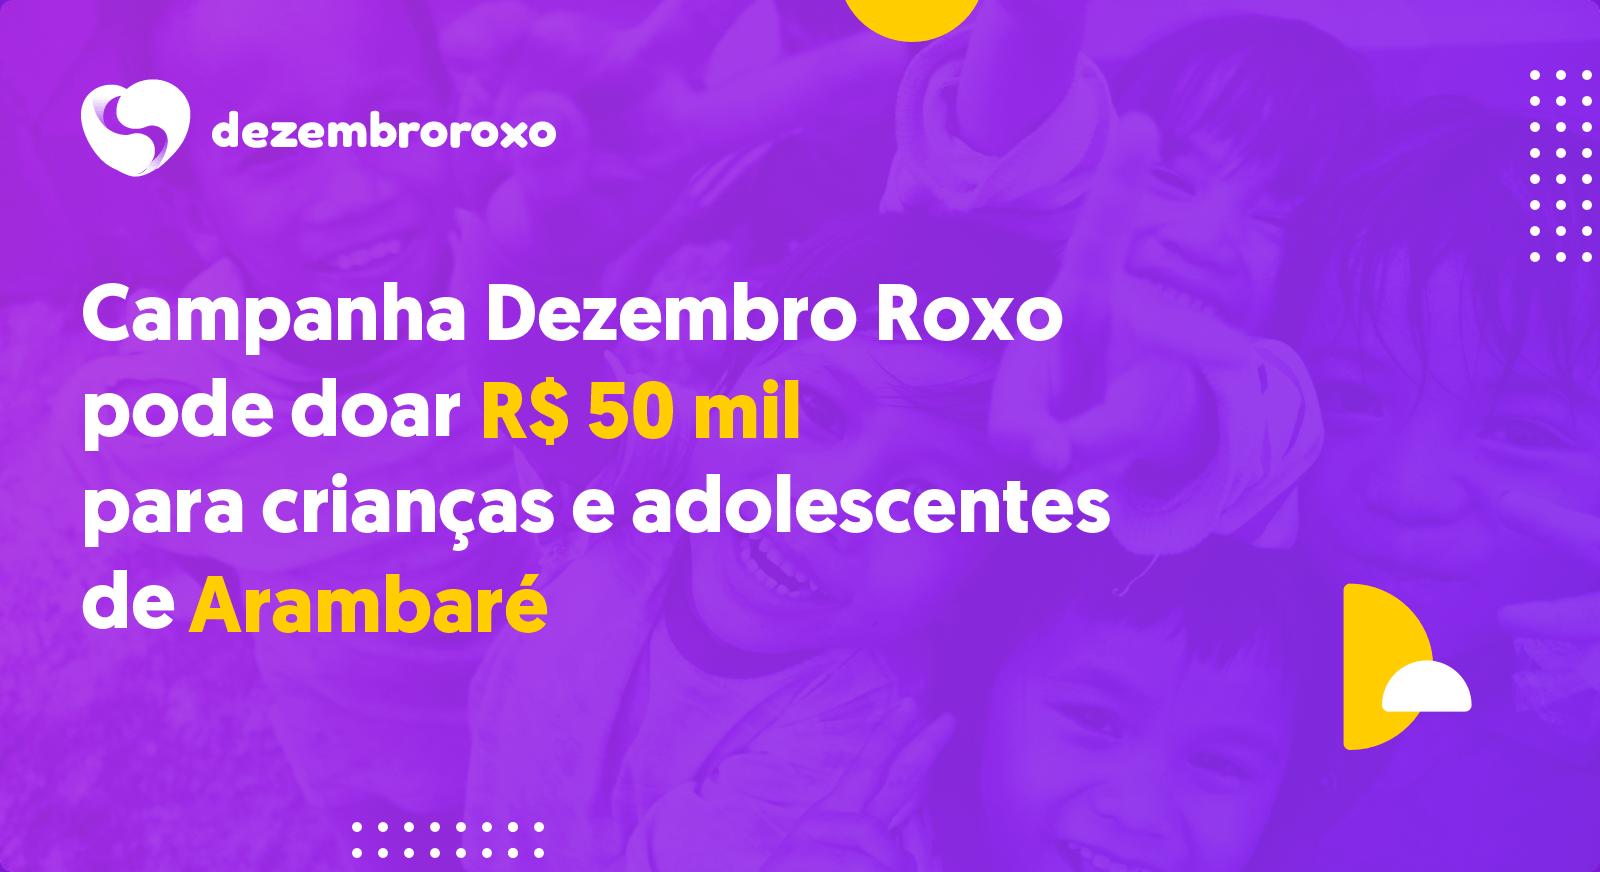 Doações em Arambaré - RS